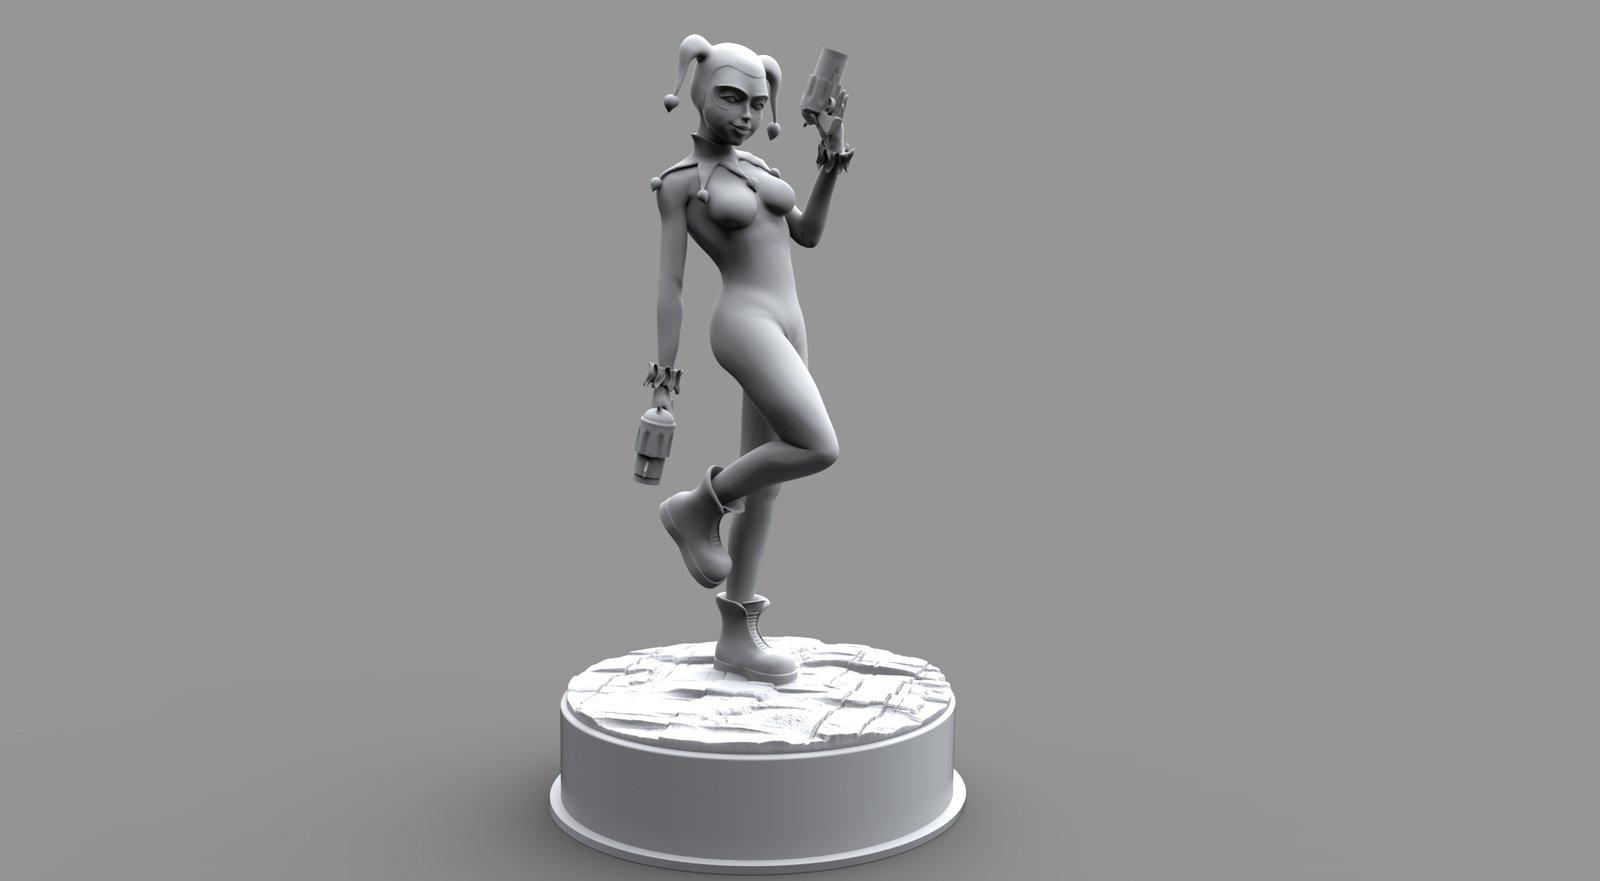 2nd idea test render